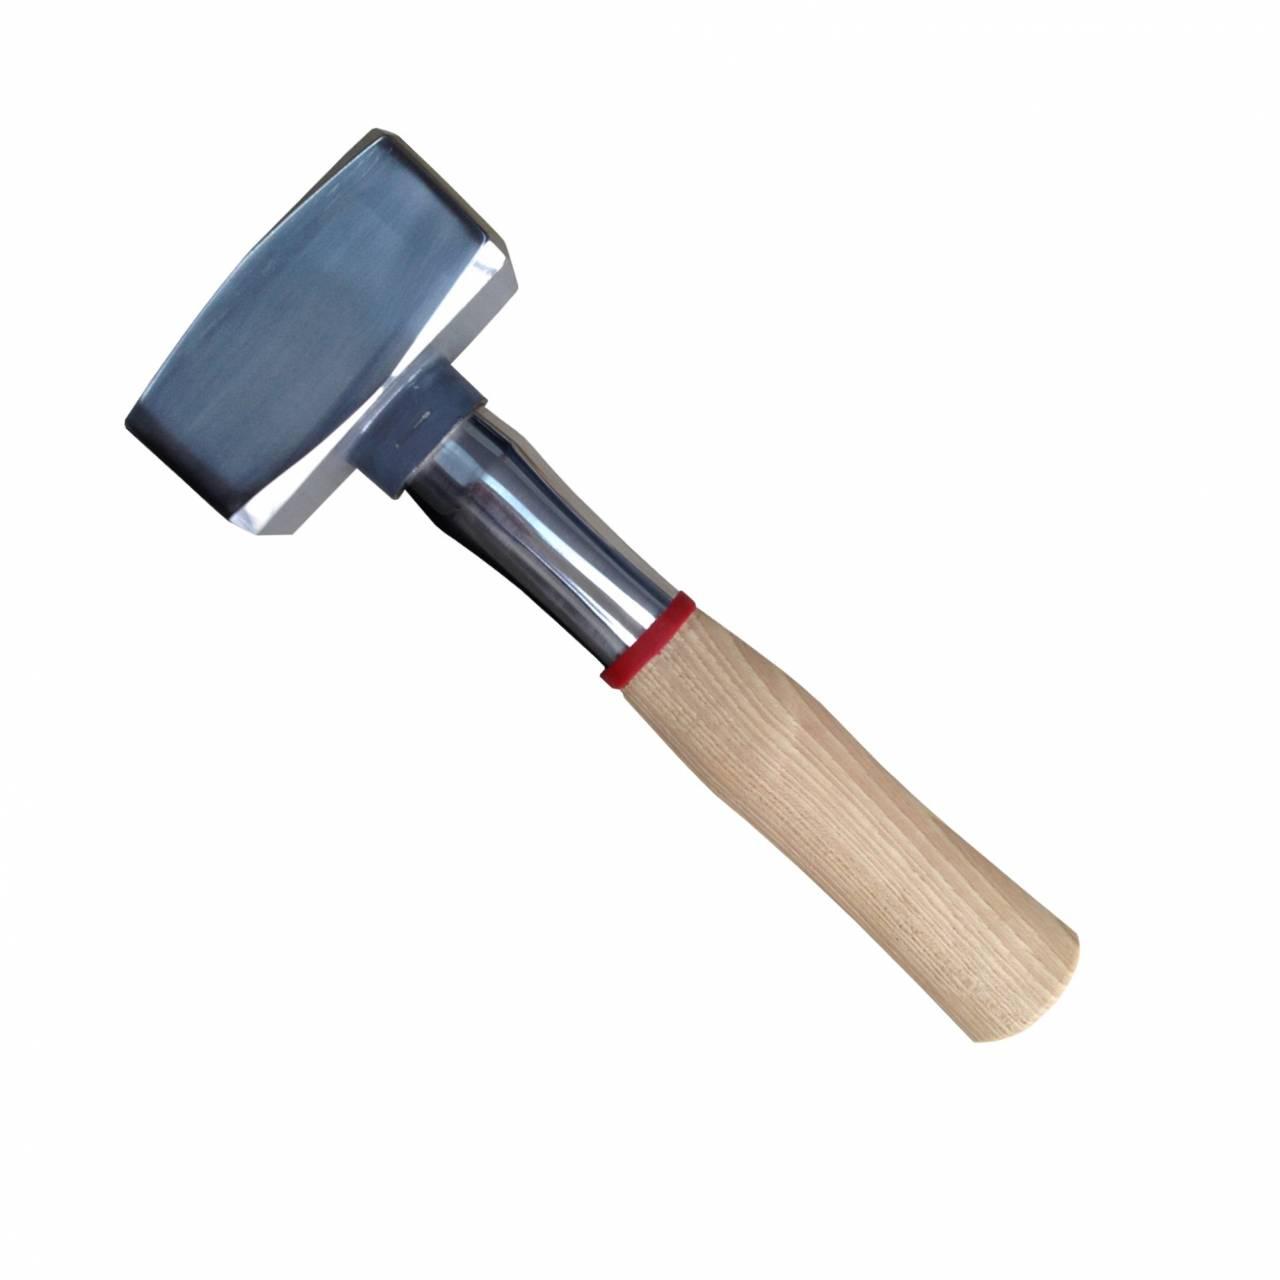 Fäustel 1,25 kg, 'Bau-Pro', mit Schlagschutzmanschette